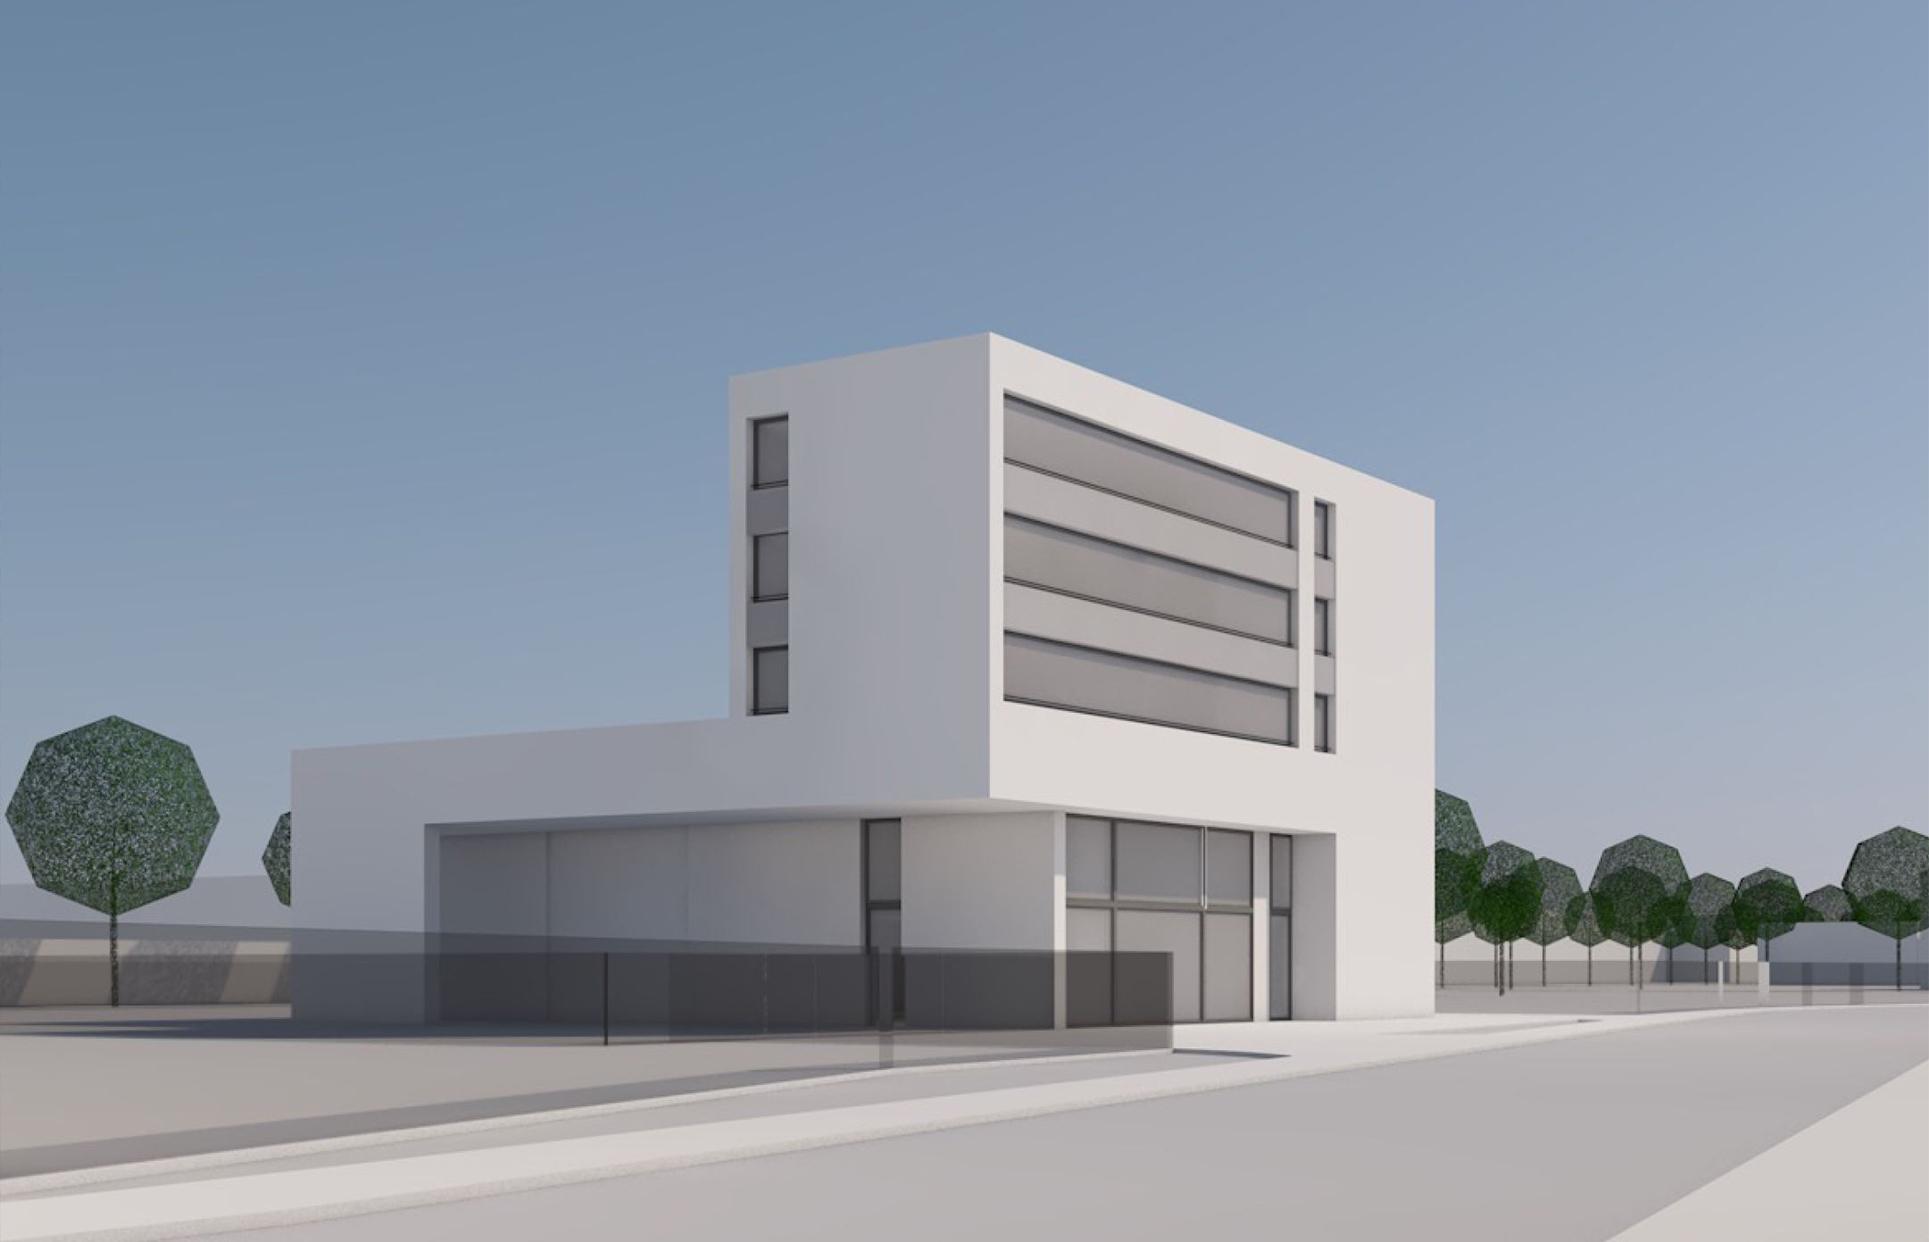 Ausstellungs- und Auslieferhalle mit Büronutzung